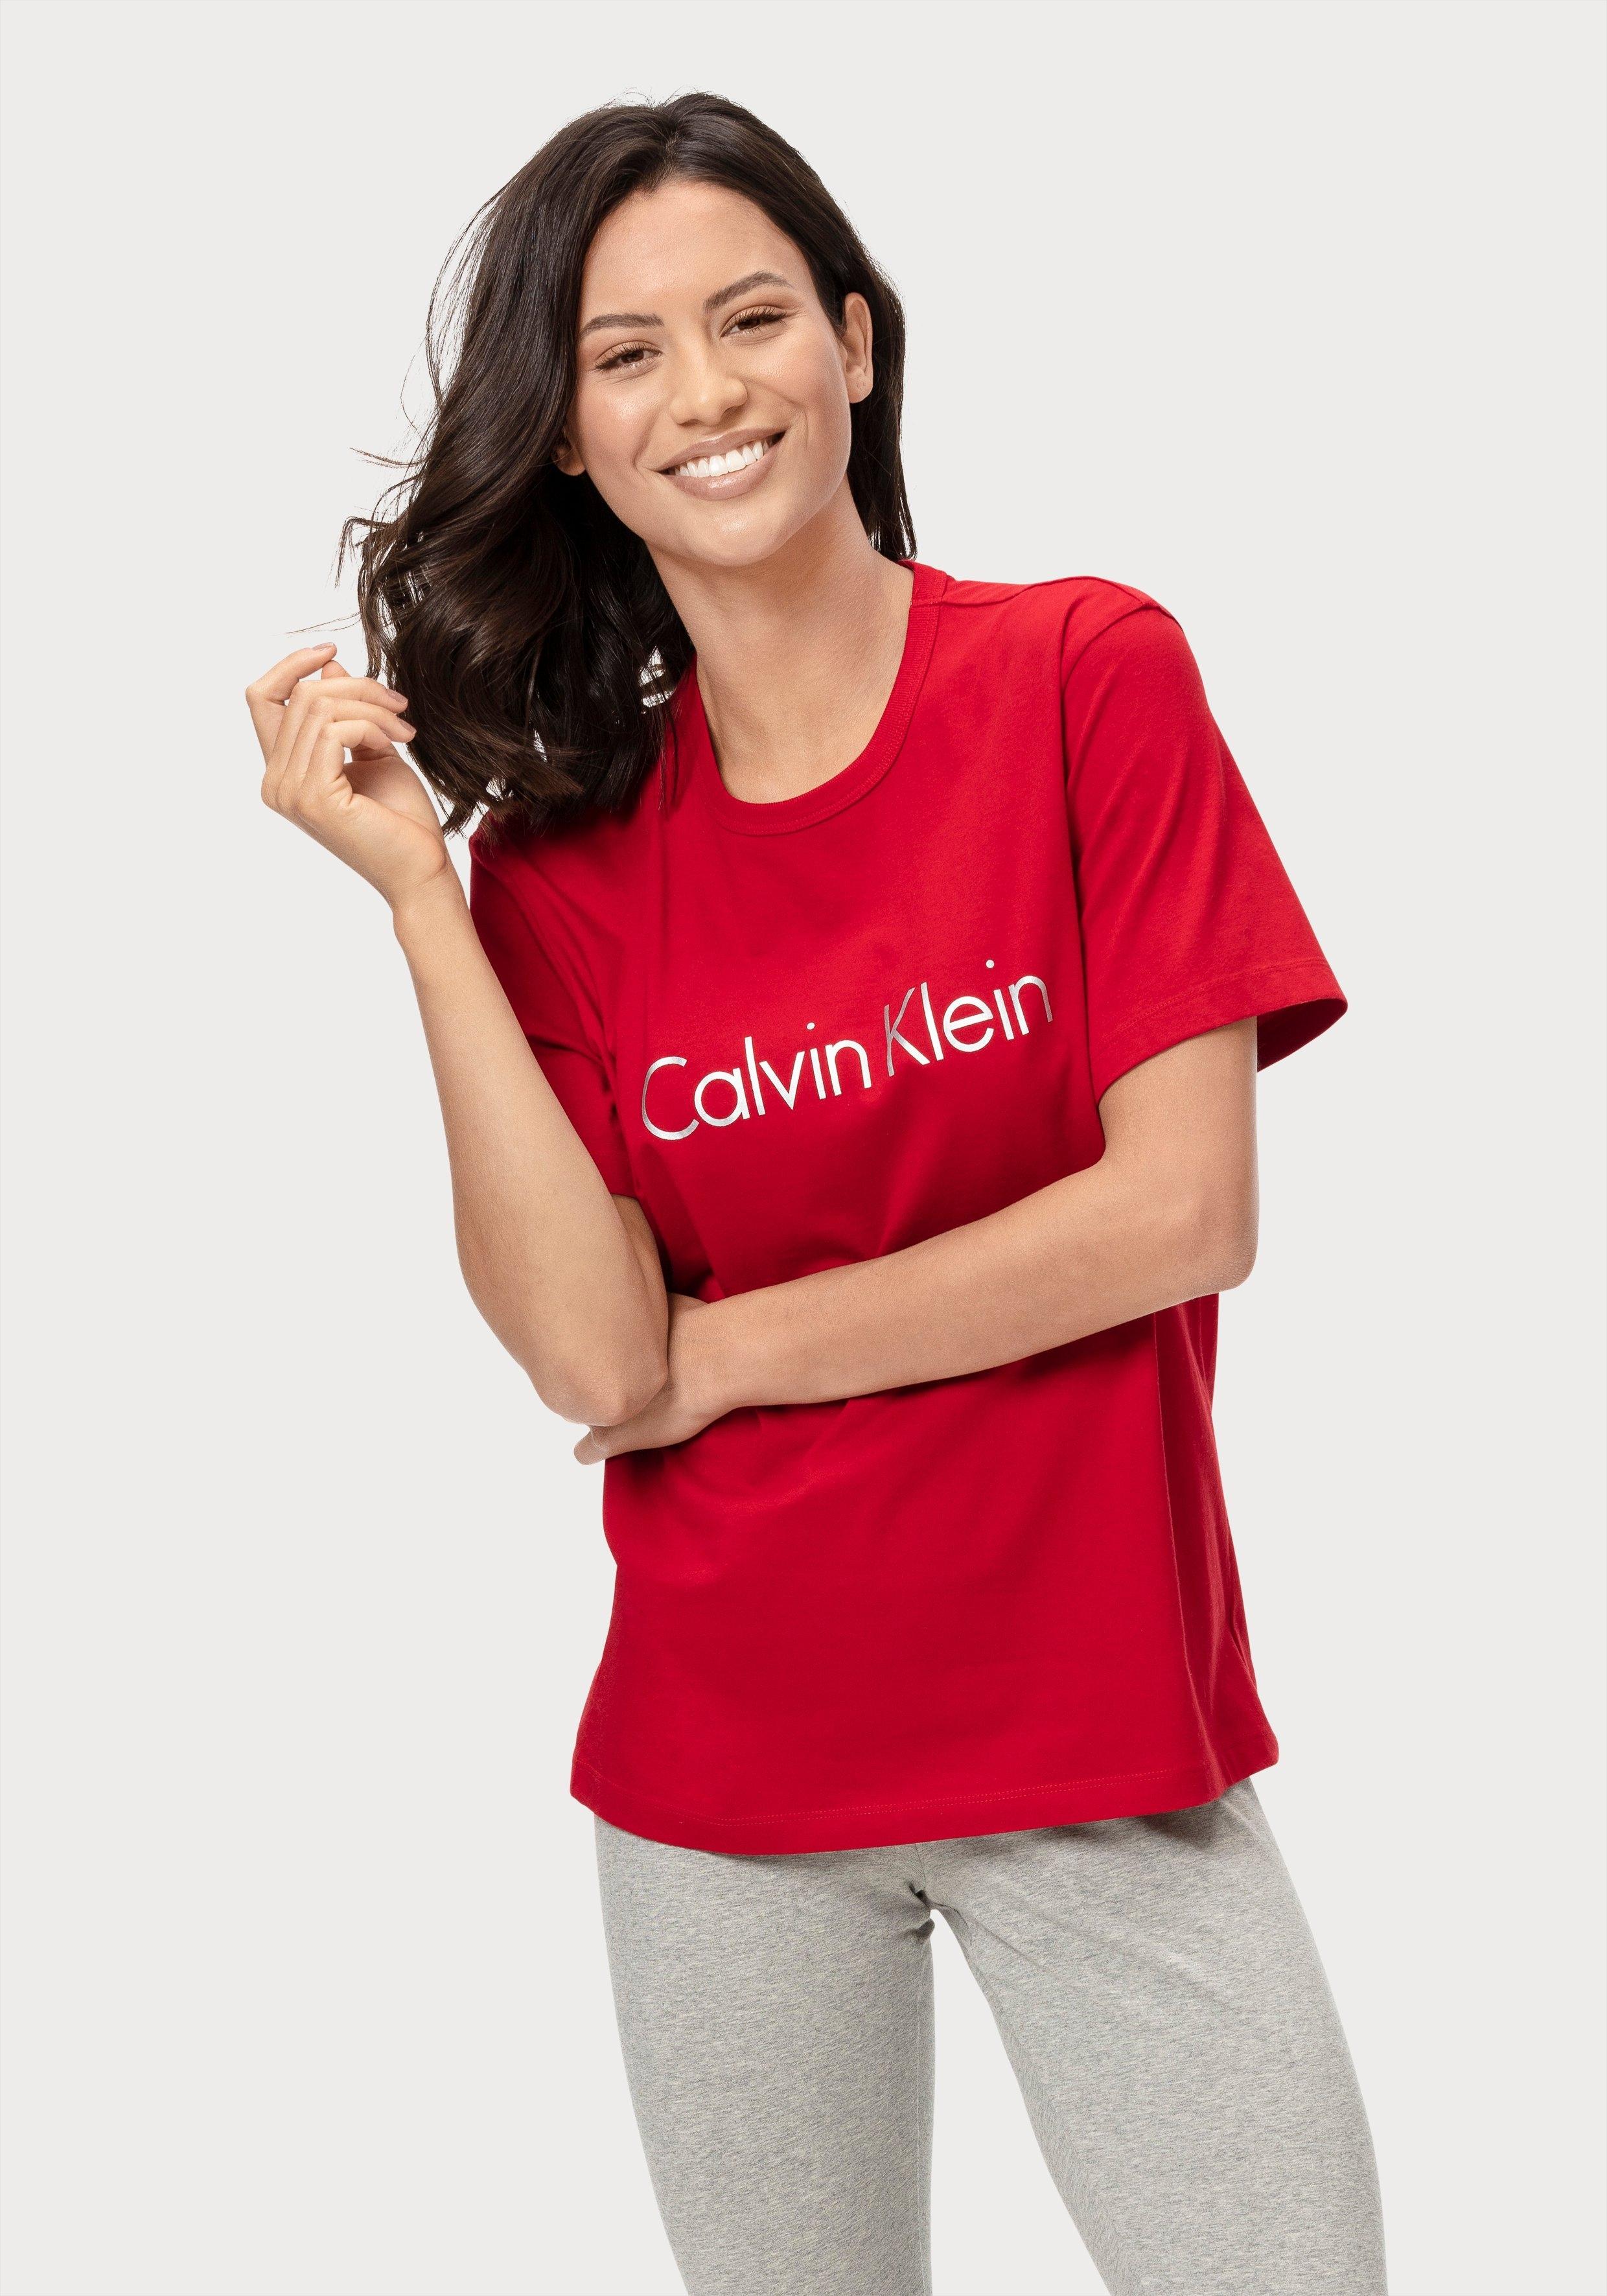 Calvin Klein T-shirt - gratis ruilen op lascana.nl